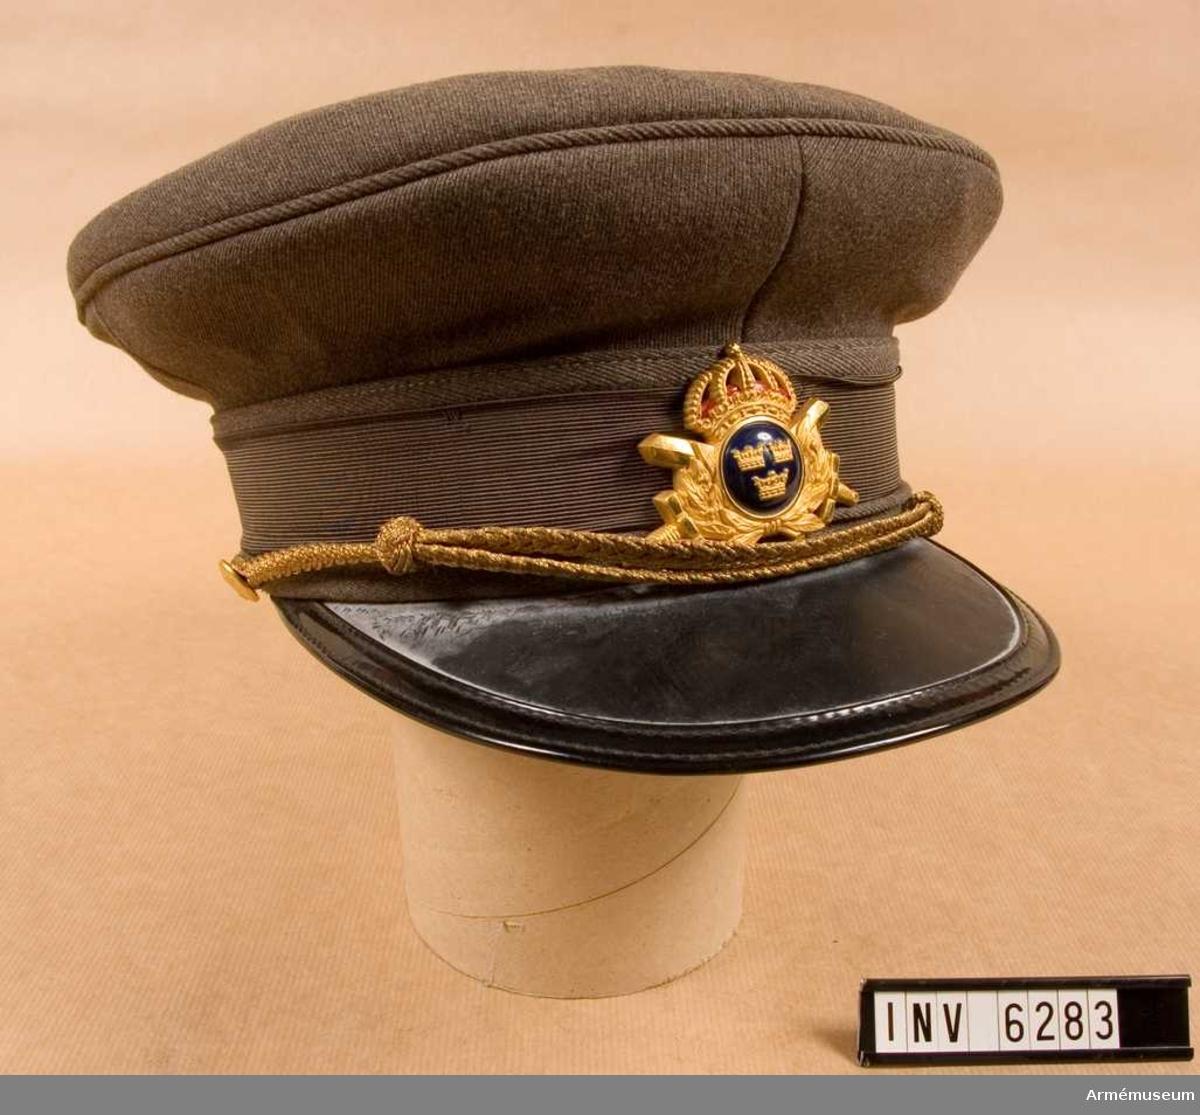 Storlek: 57. Tillverkad av gråbrungrönt yllediagonaltyg med svart skärm, undertill grön, grått mössband i rips, mössmärke m/1952 förgyllt och med blå knapp, mössträns av flätad guldtråd. Mössan invändigt märkt.